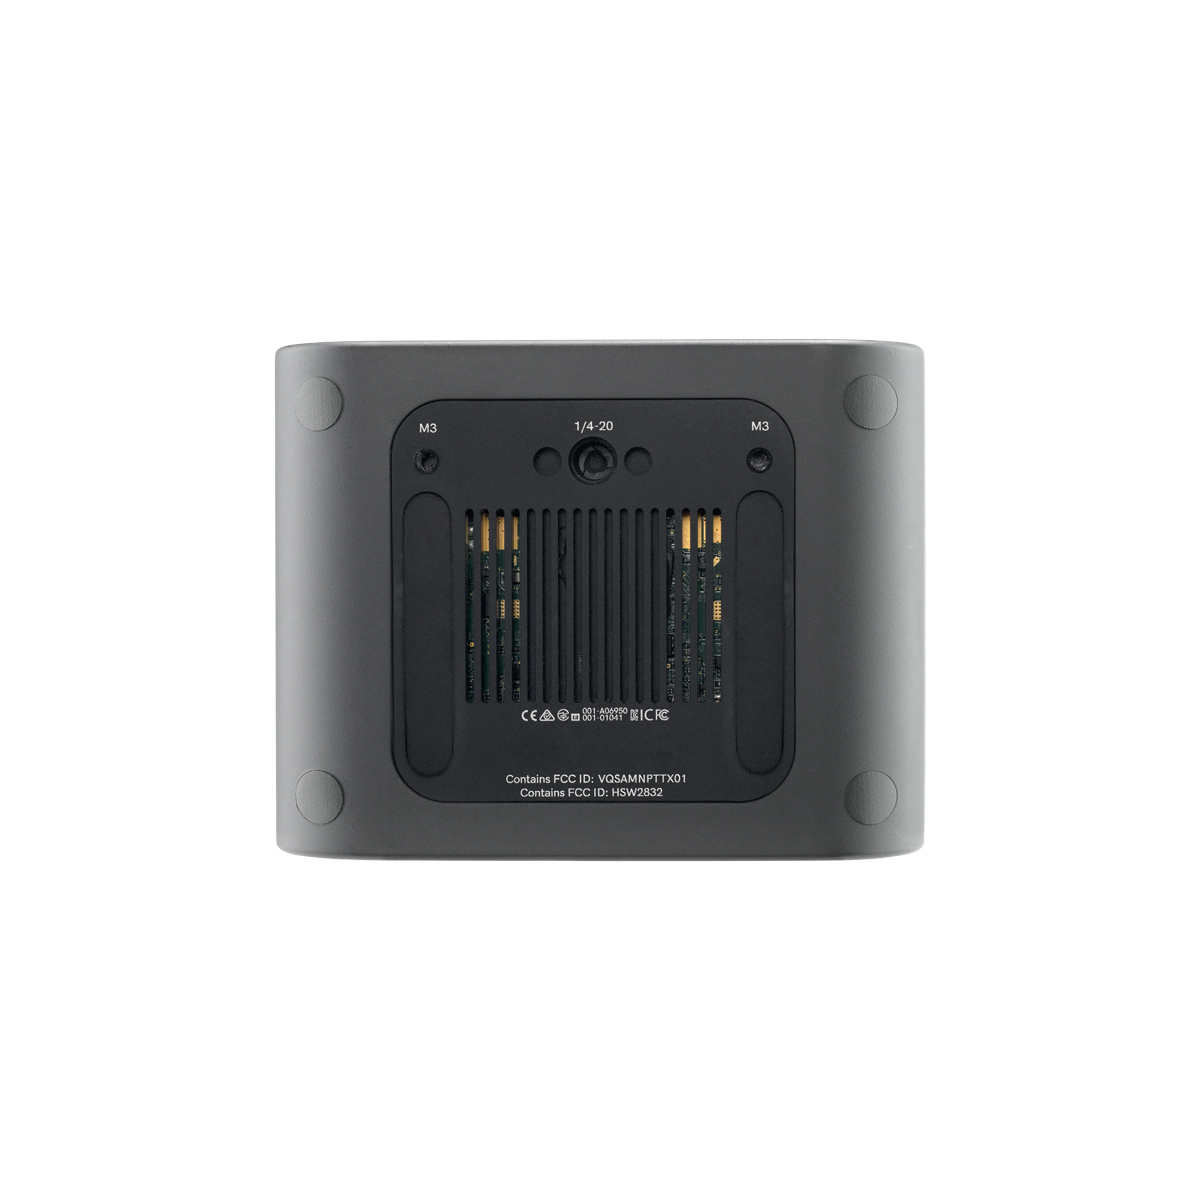 Spark 4K Transmitter